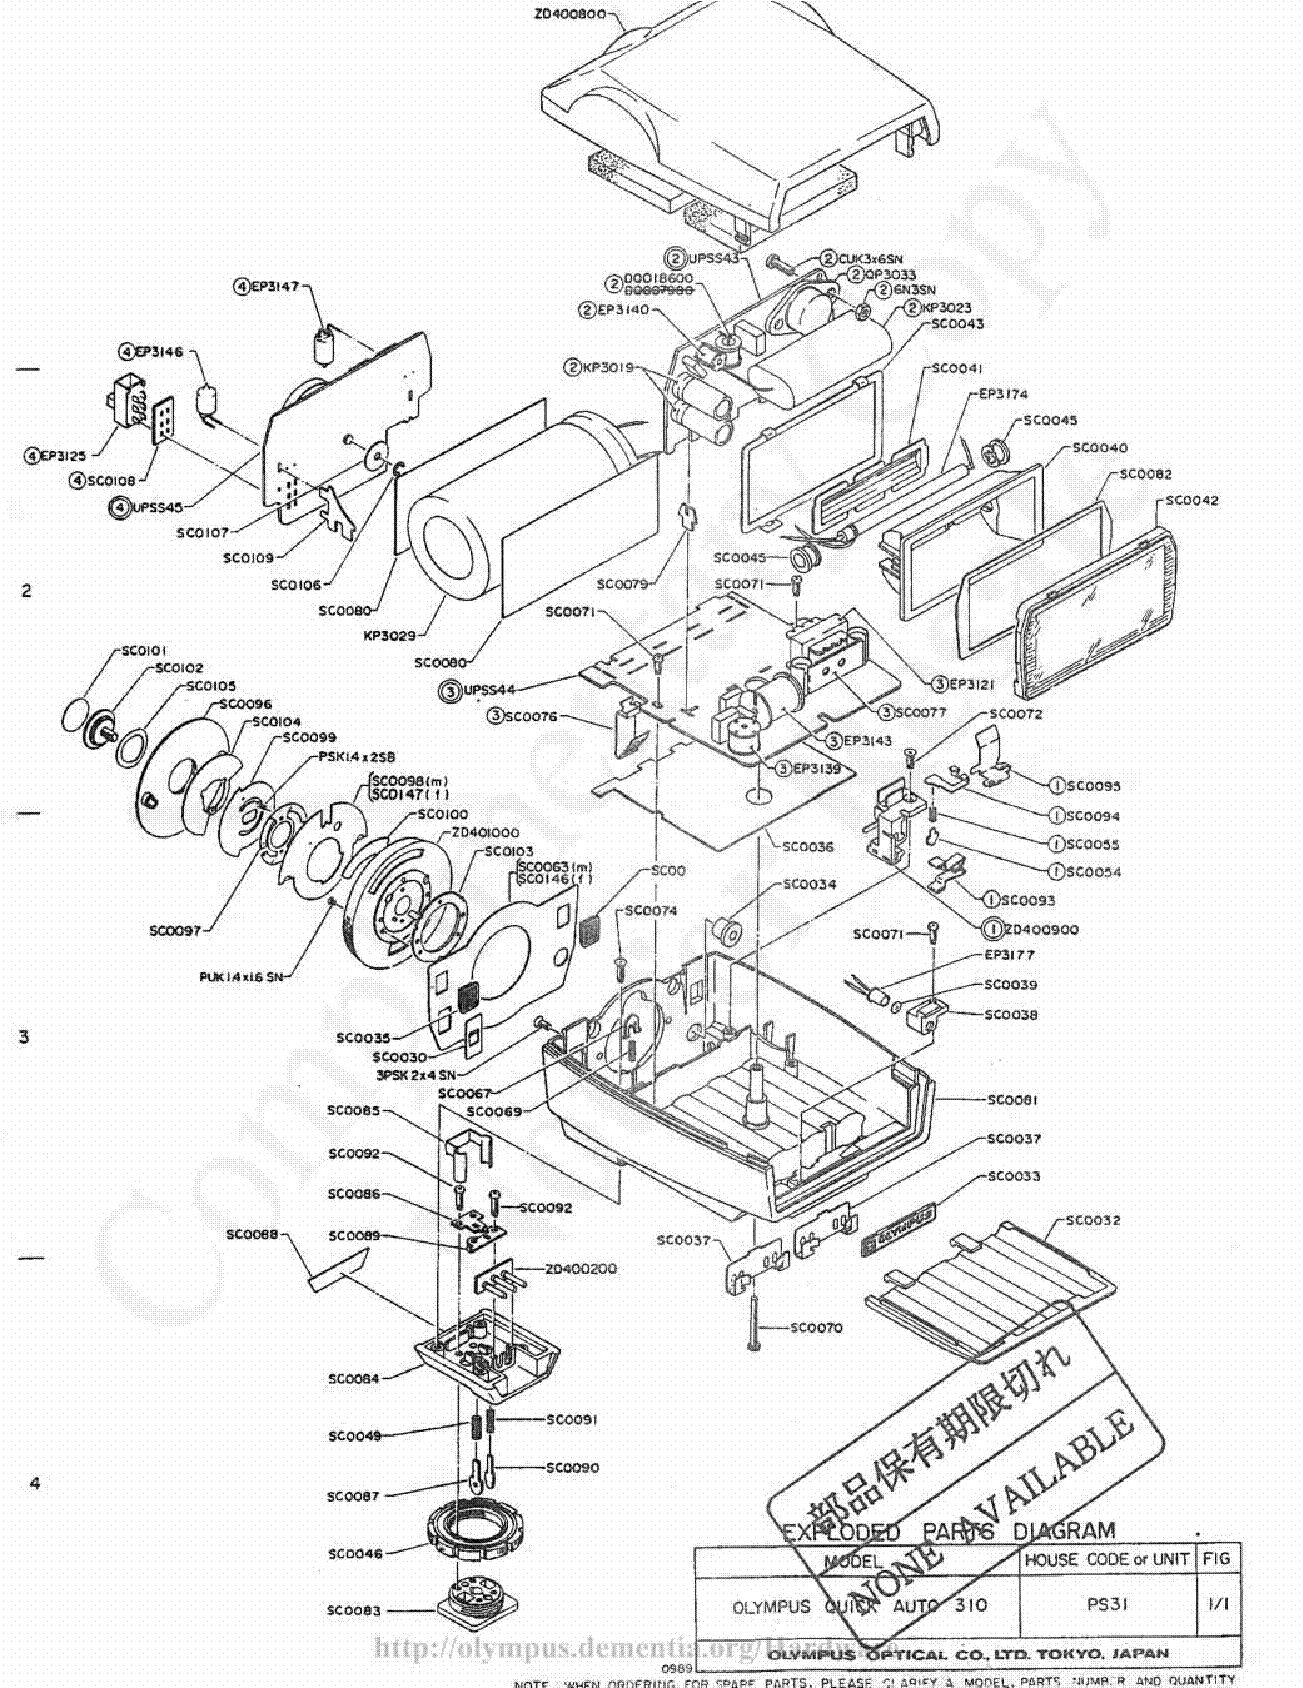 olympus c-460 zoom инструкция